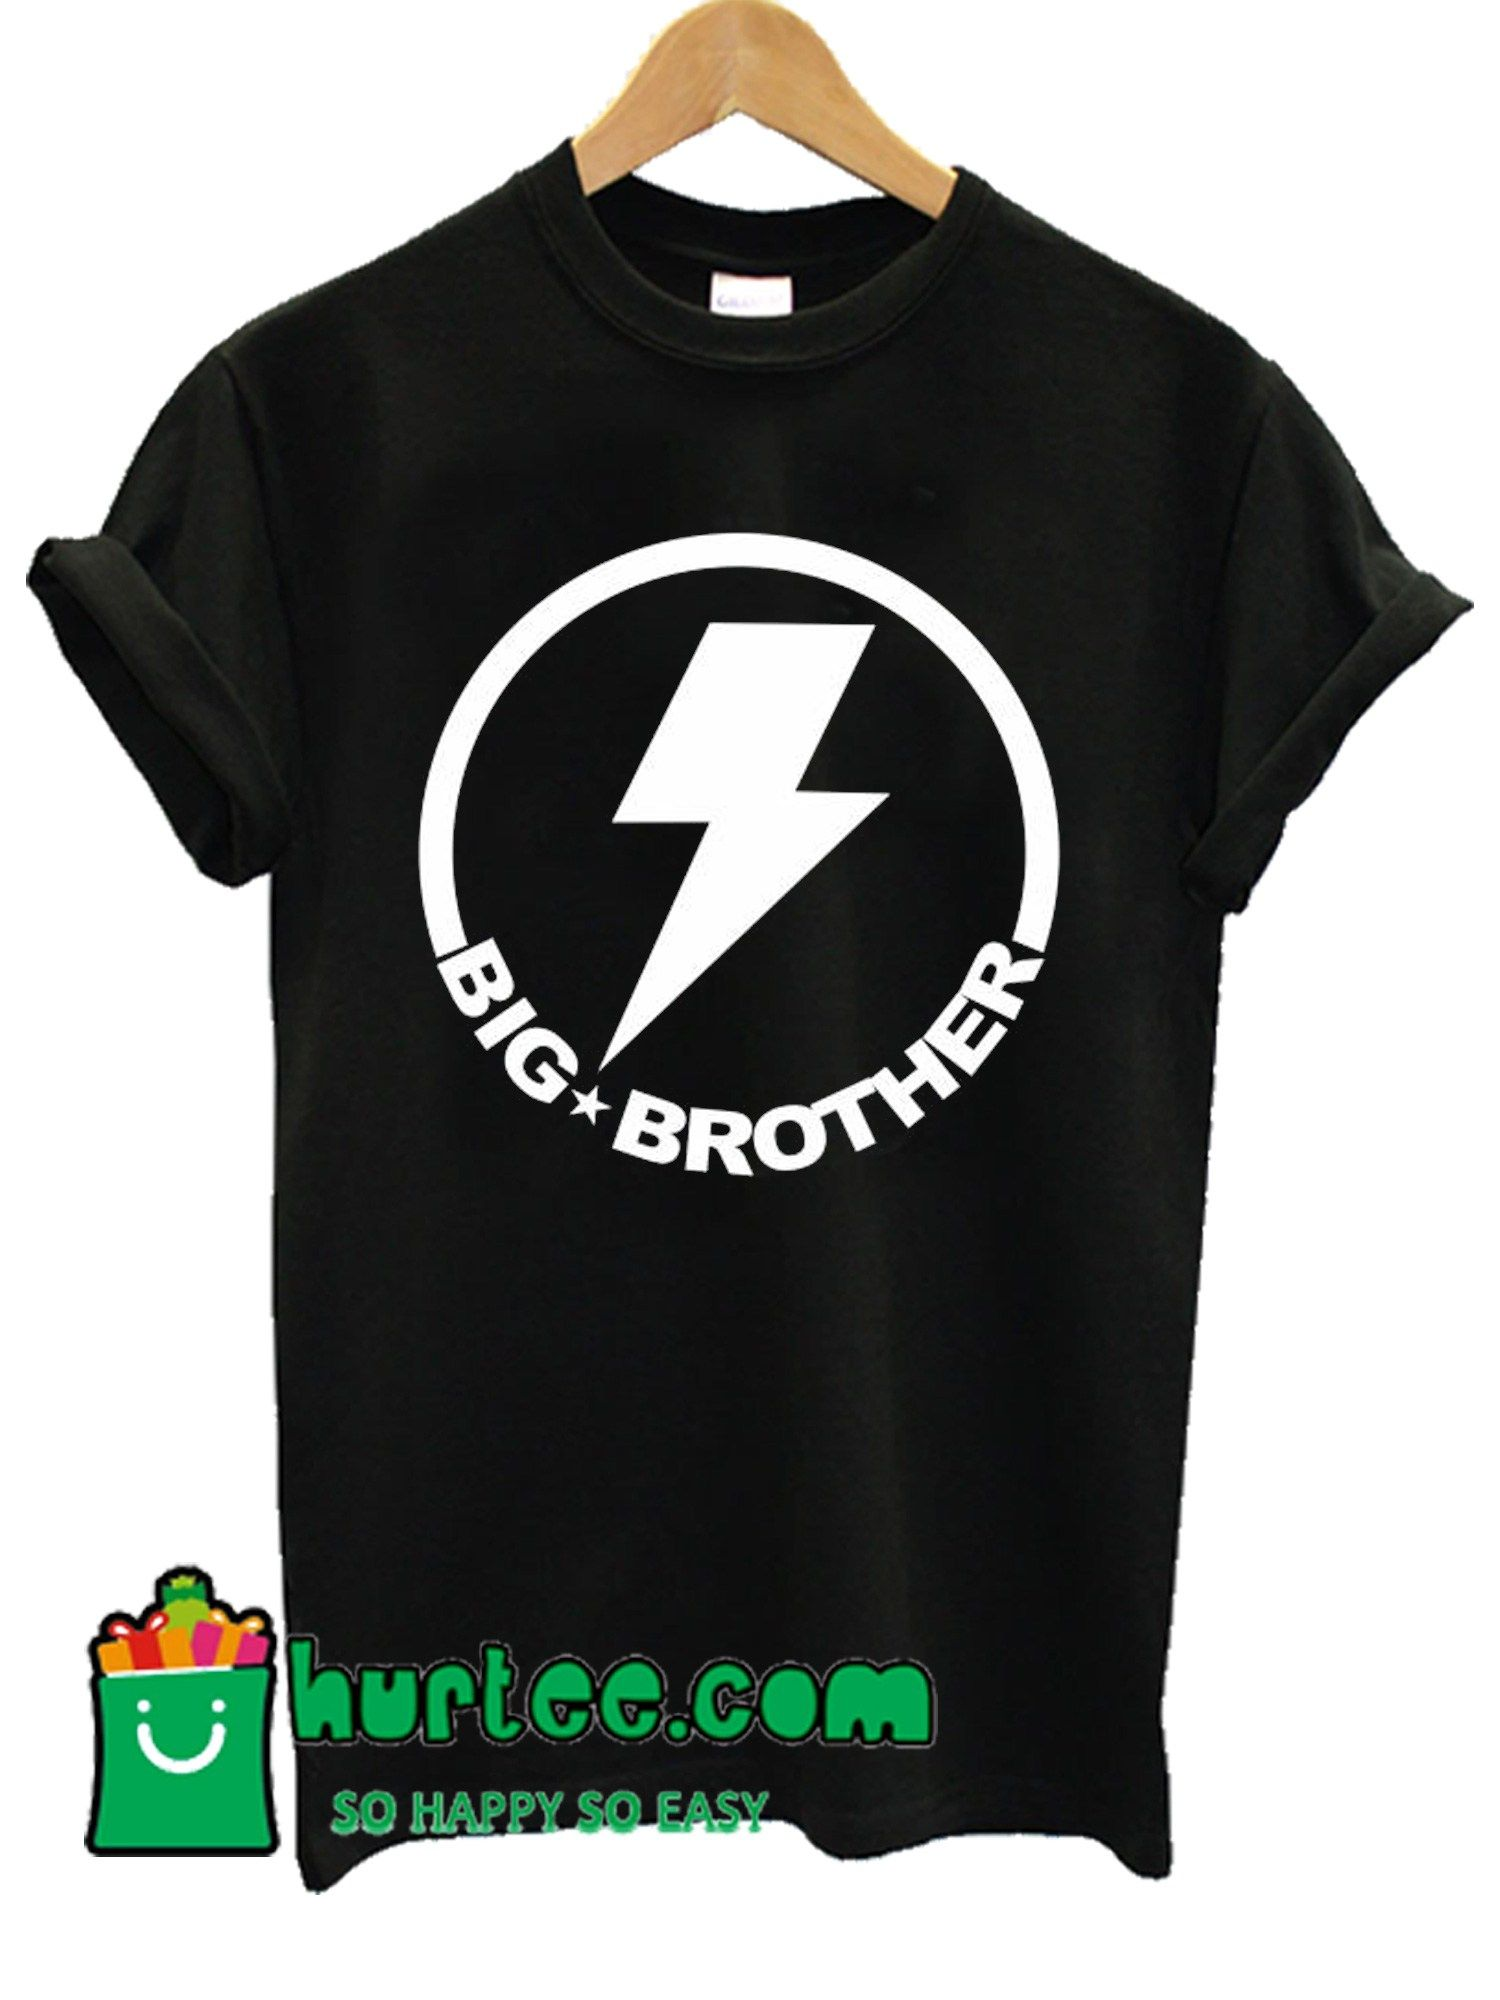 5022dfb0 bigbrother_racecar Kids Light T-Shirt big brother race car Kids Light T- Shirt by zoey's attic - CafePress